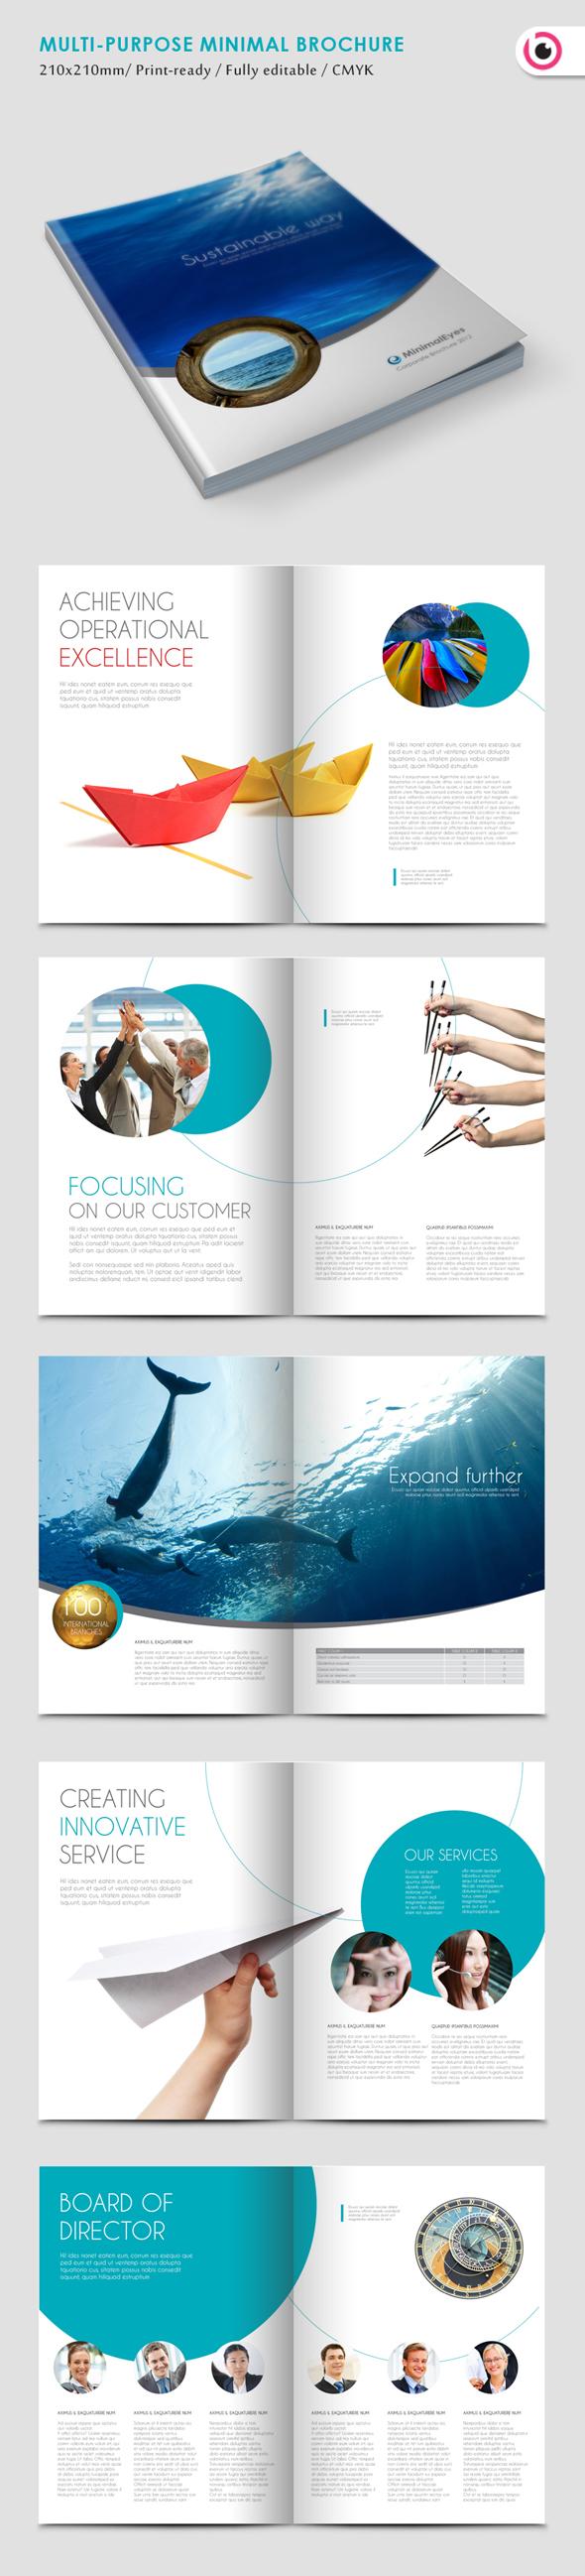 Brosur-Perusahaan-Minimal-Eyes-Brochure-Template